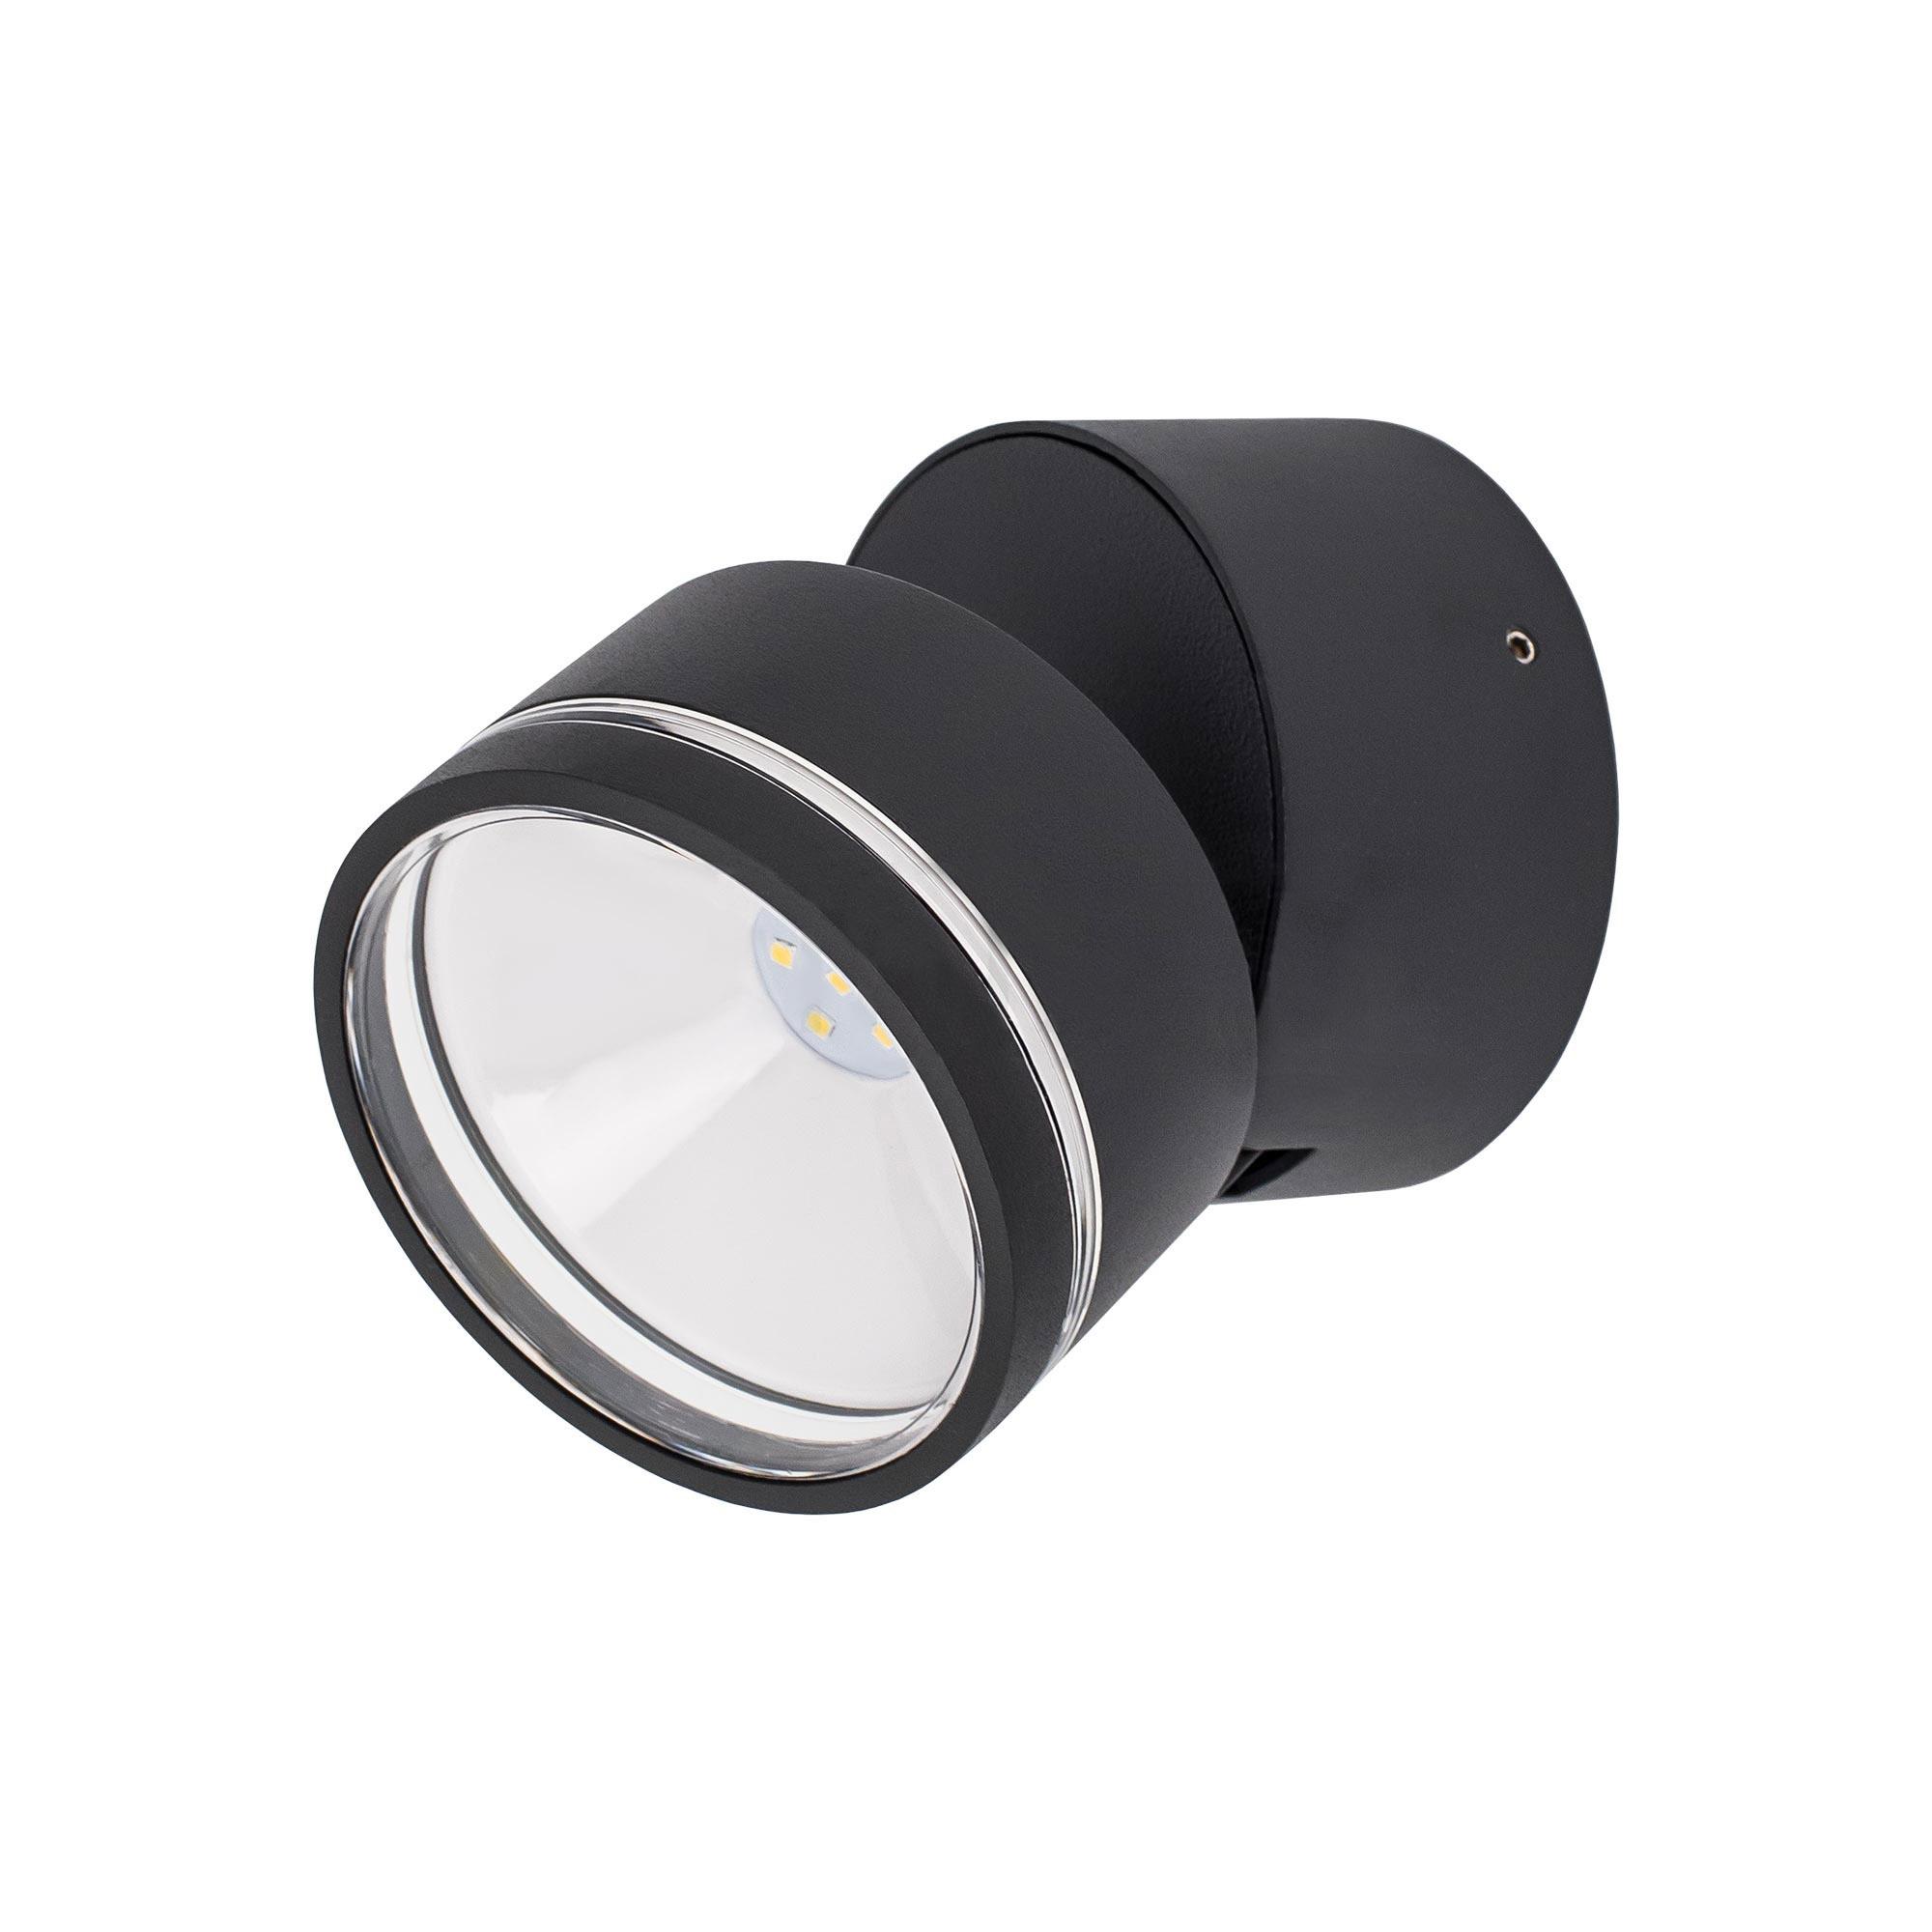 Уличный настенный светильник Светодиодный Citilux черынй CLU0008R